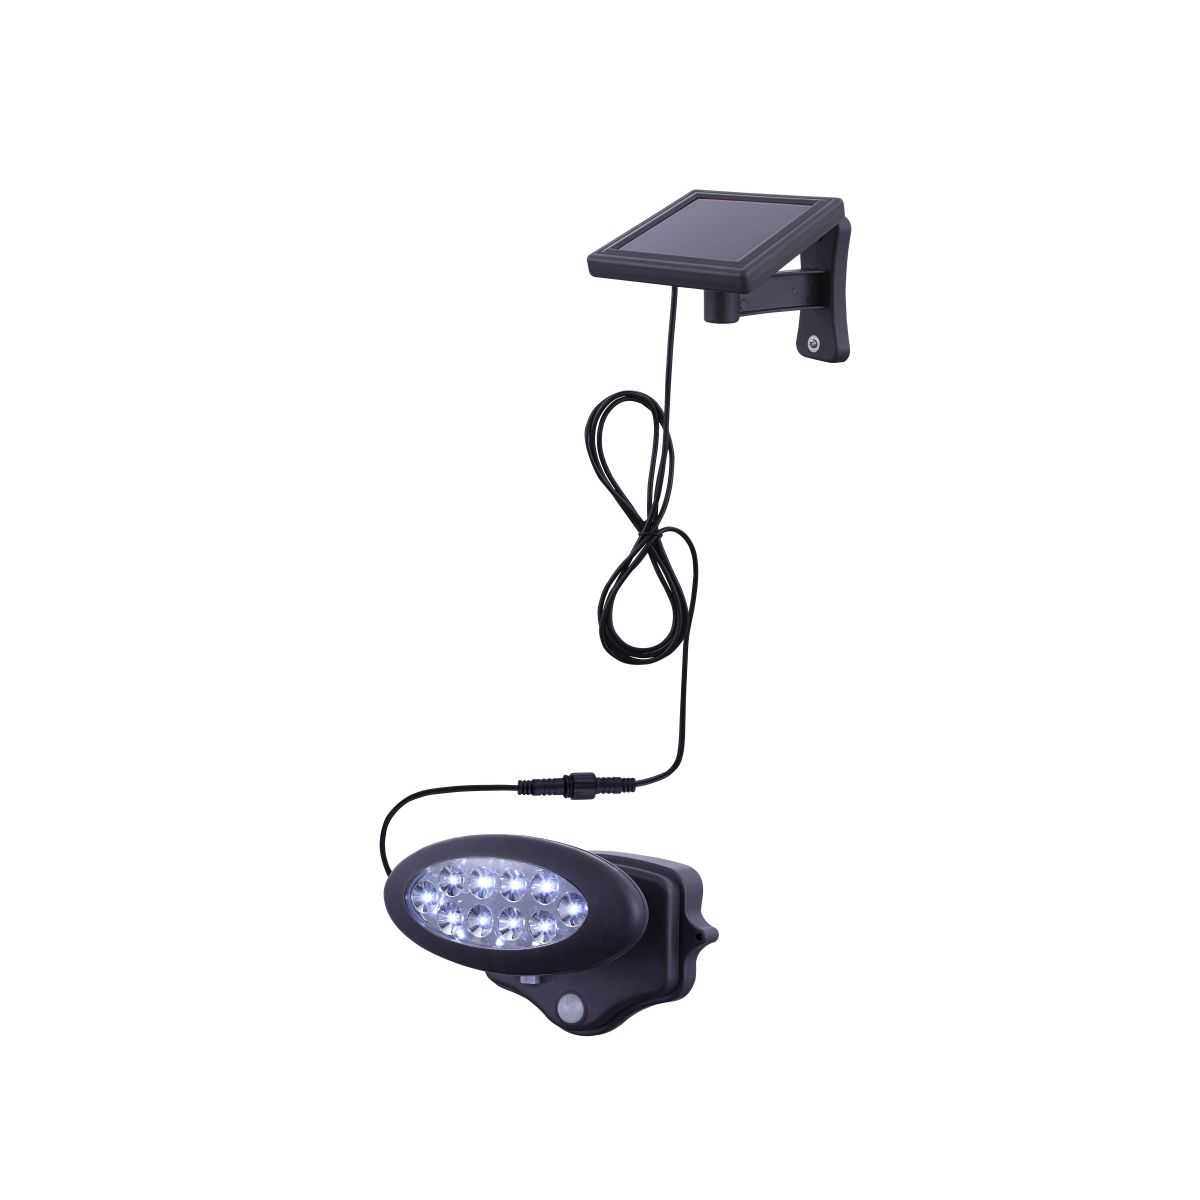 Светильник уличный с датчиком движенияУличные настенные светильники<br>&amp;lt;div&amp;gt;&amp;lt;div&amp;gt;Вид цоколя: LED&amp;lt;/div&amp;gt;&amp;lt;div&amp;gt;Мощность лампы: 0,06W&amp;lt;/div&amp;gt;&amp;lt;div&amp;gt;Количество ламп: 10&amp;lt;/div&amp;gt;&amp;lt;/div&amp;gt;&amp;lt;div&amp;gt;&amp;lt;/div&amp;gt;<br><br>Material: Пластик<br>Ширина см: 17<br>Высота см: 11<br>Глубина см: 11